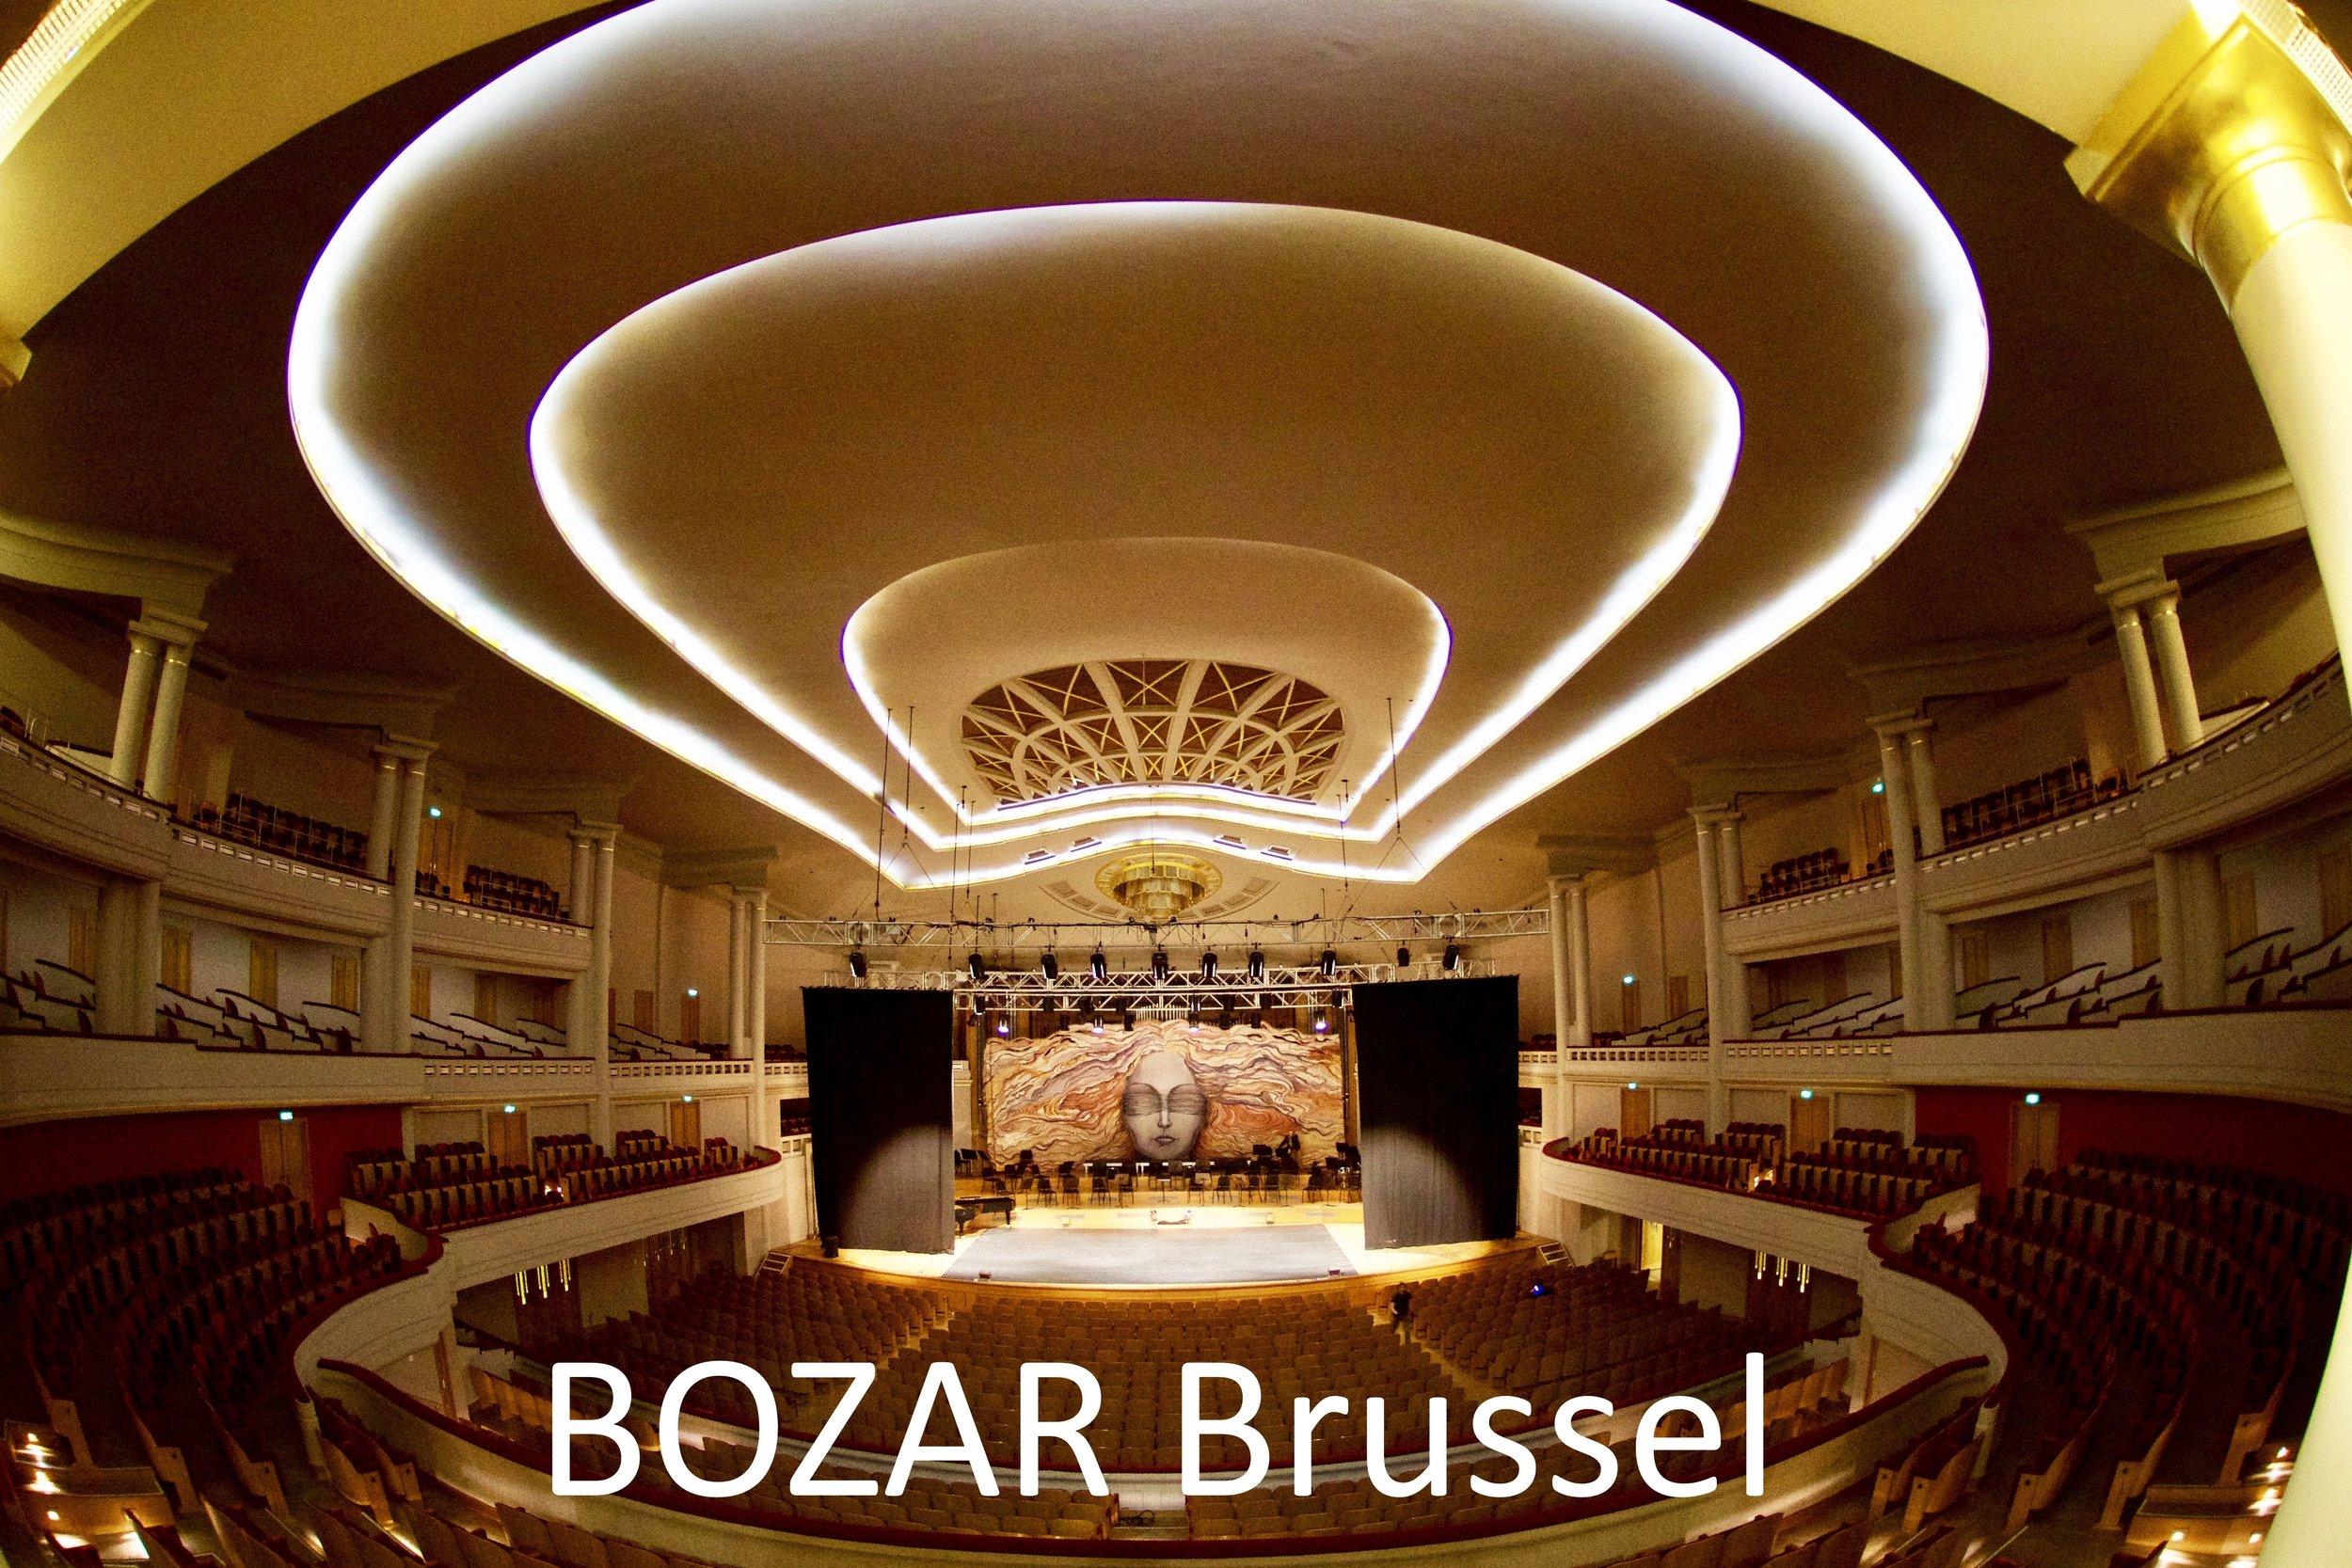 BOZAR by FOODstories